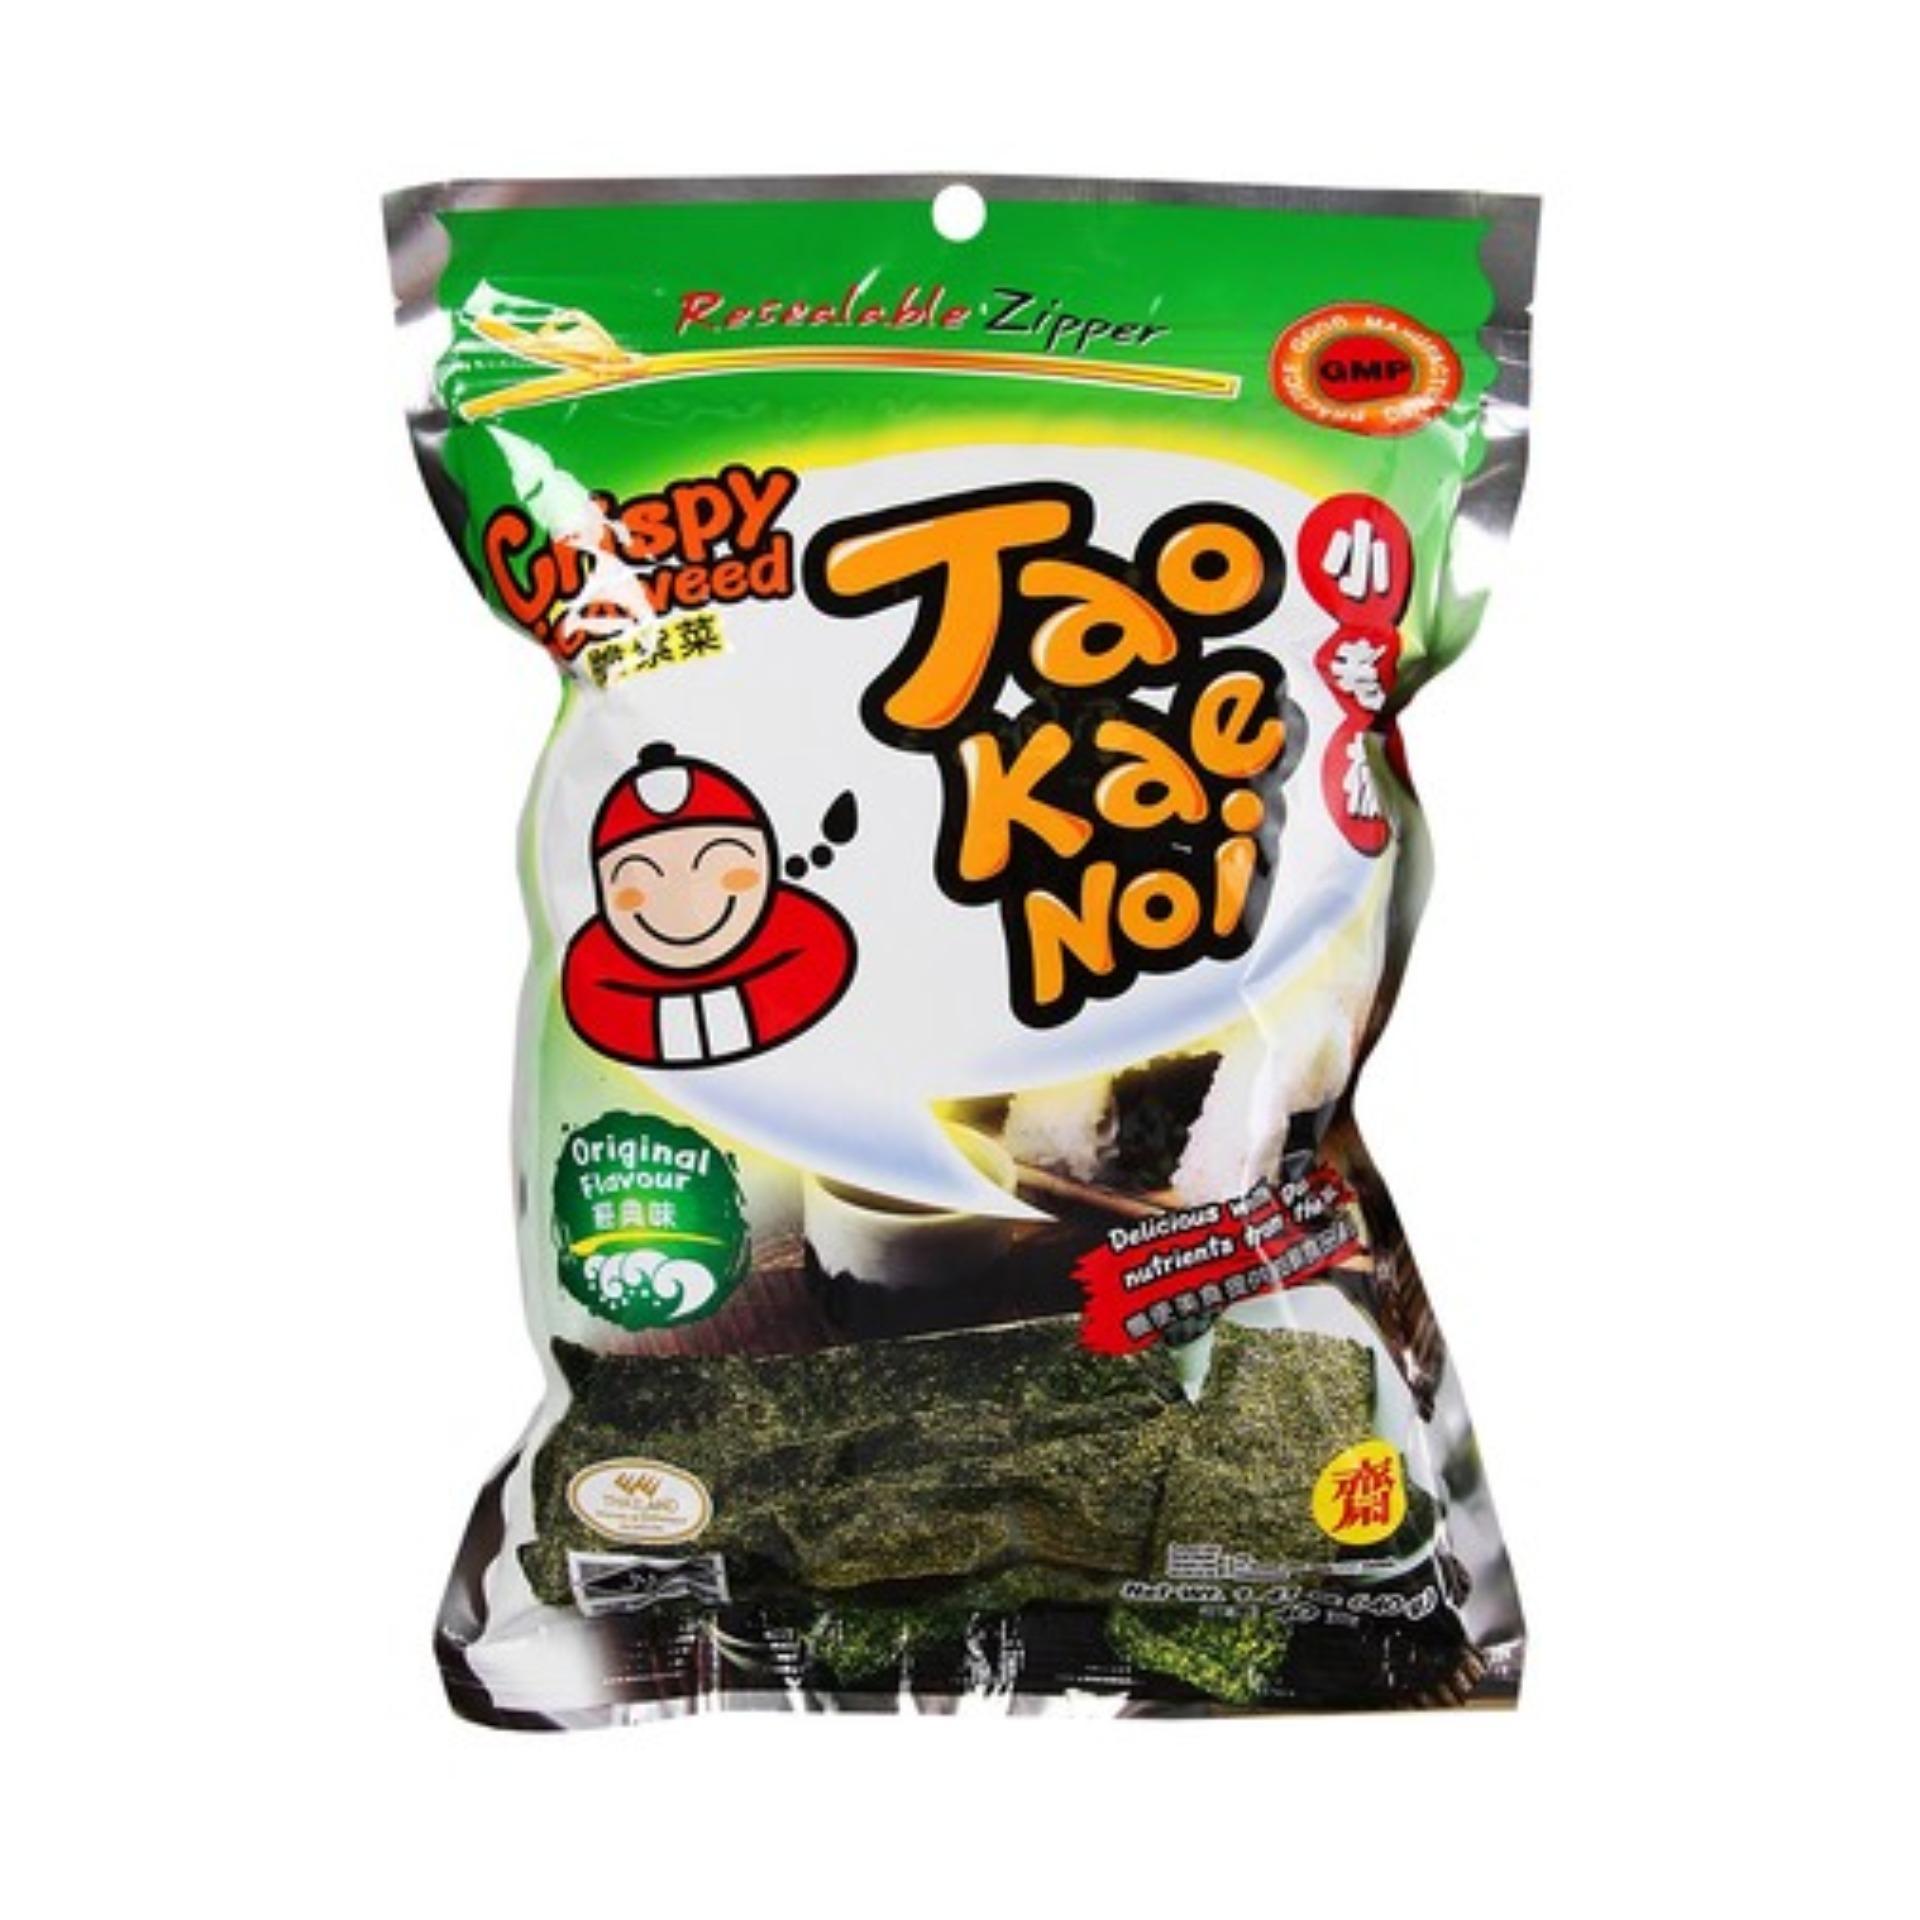 Snack Rong biển Taokaenoi Sấy Crispy Seaweed vị Truyền thống 15g